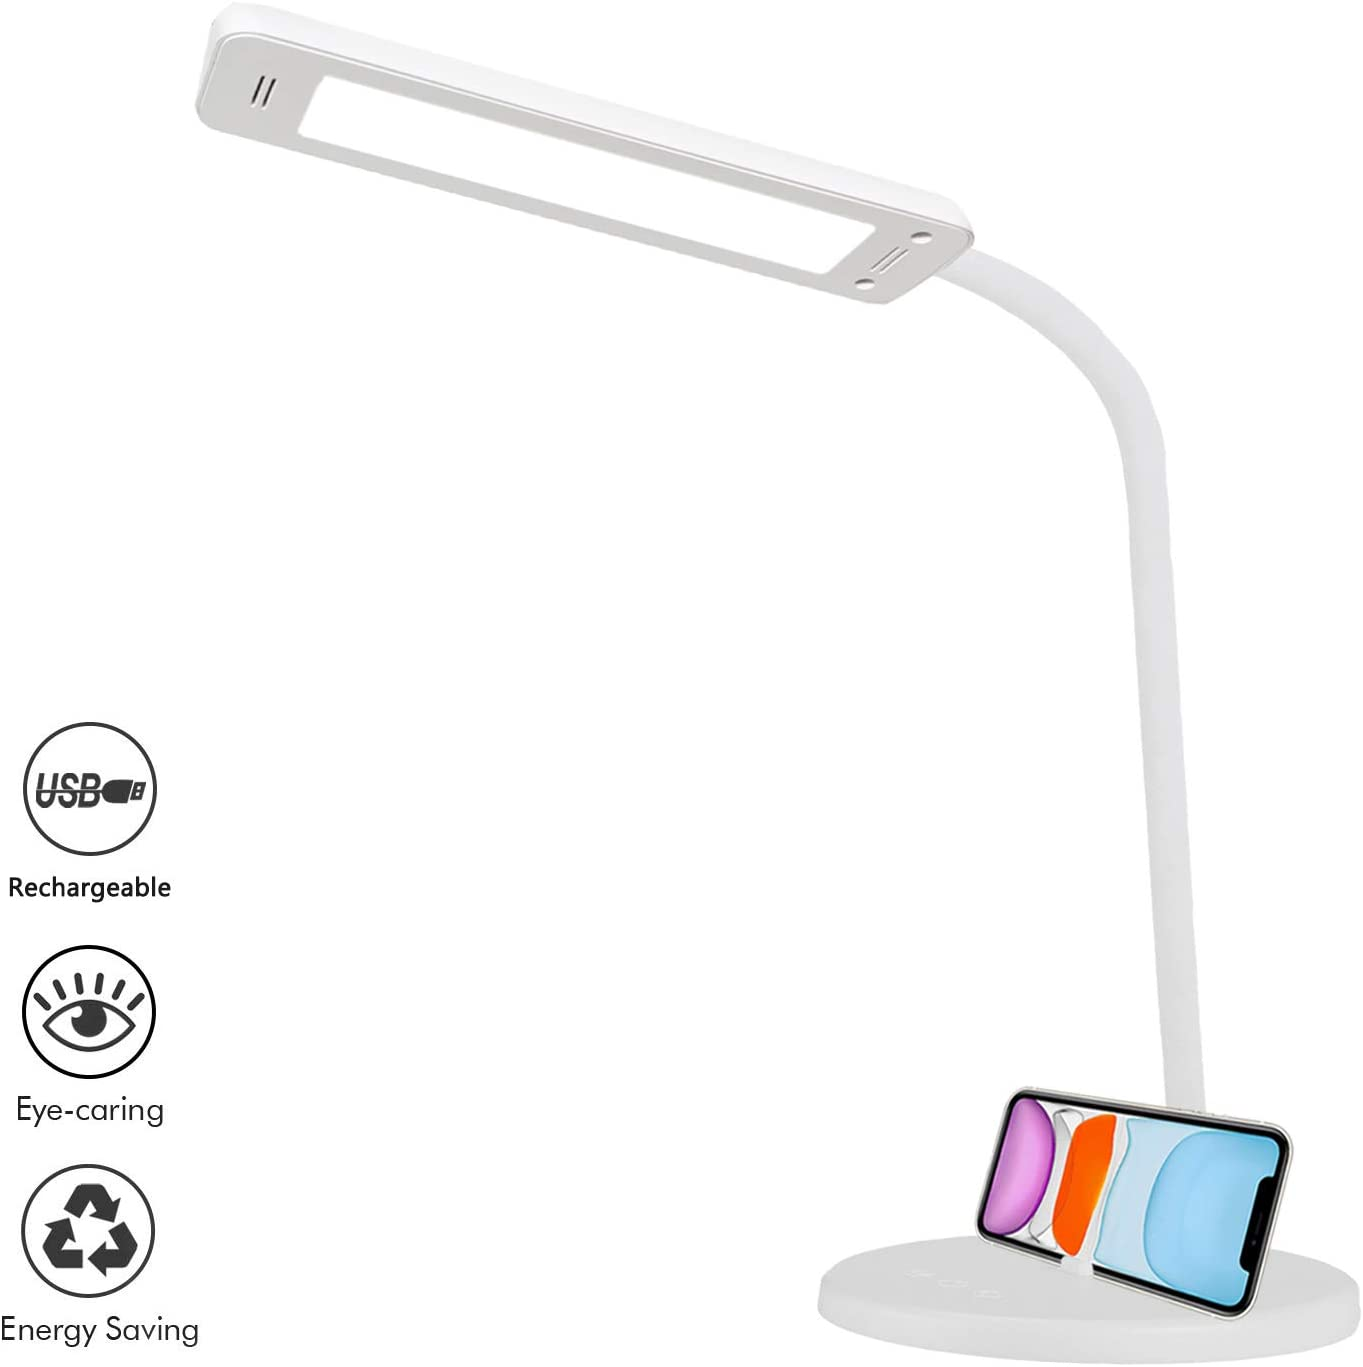 Lámpara de Escritorio LED, QueenDer Flexo de Mesa USB Recargable-2500mAh Plegable Luz Control Táctil 5 * 5 Modos de Brillo Regulable Para Leer, Estudiar-Blanco